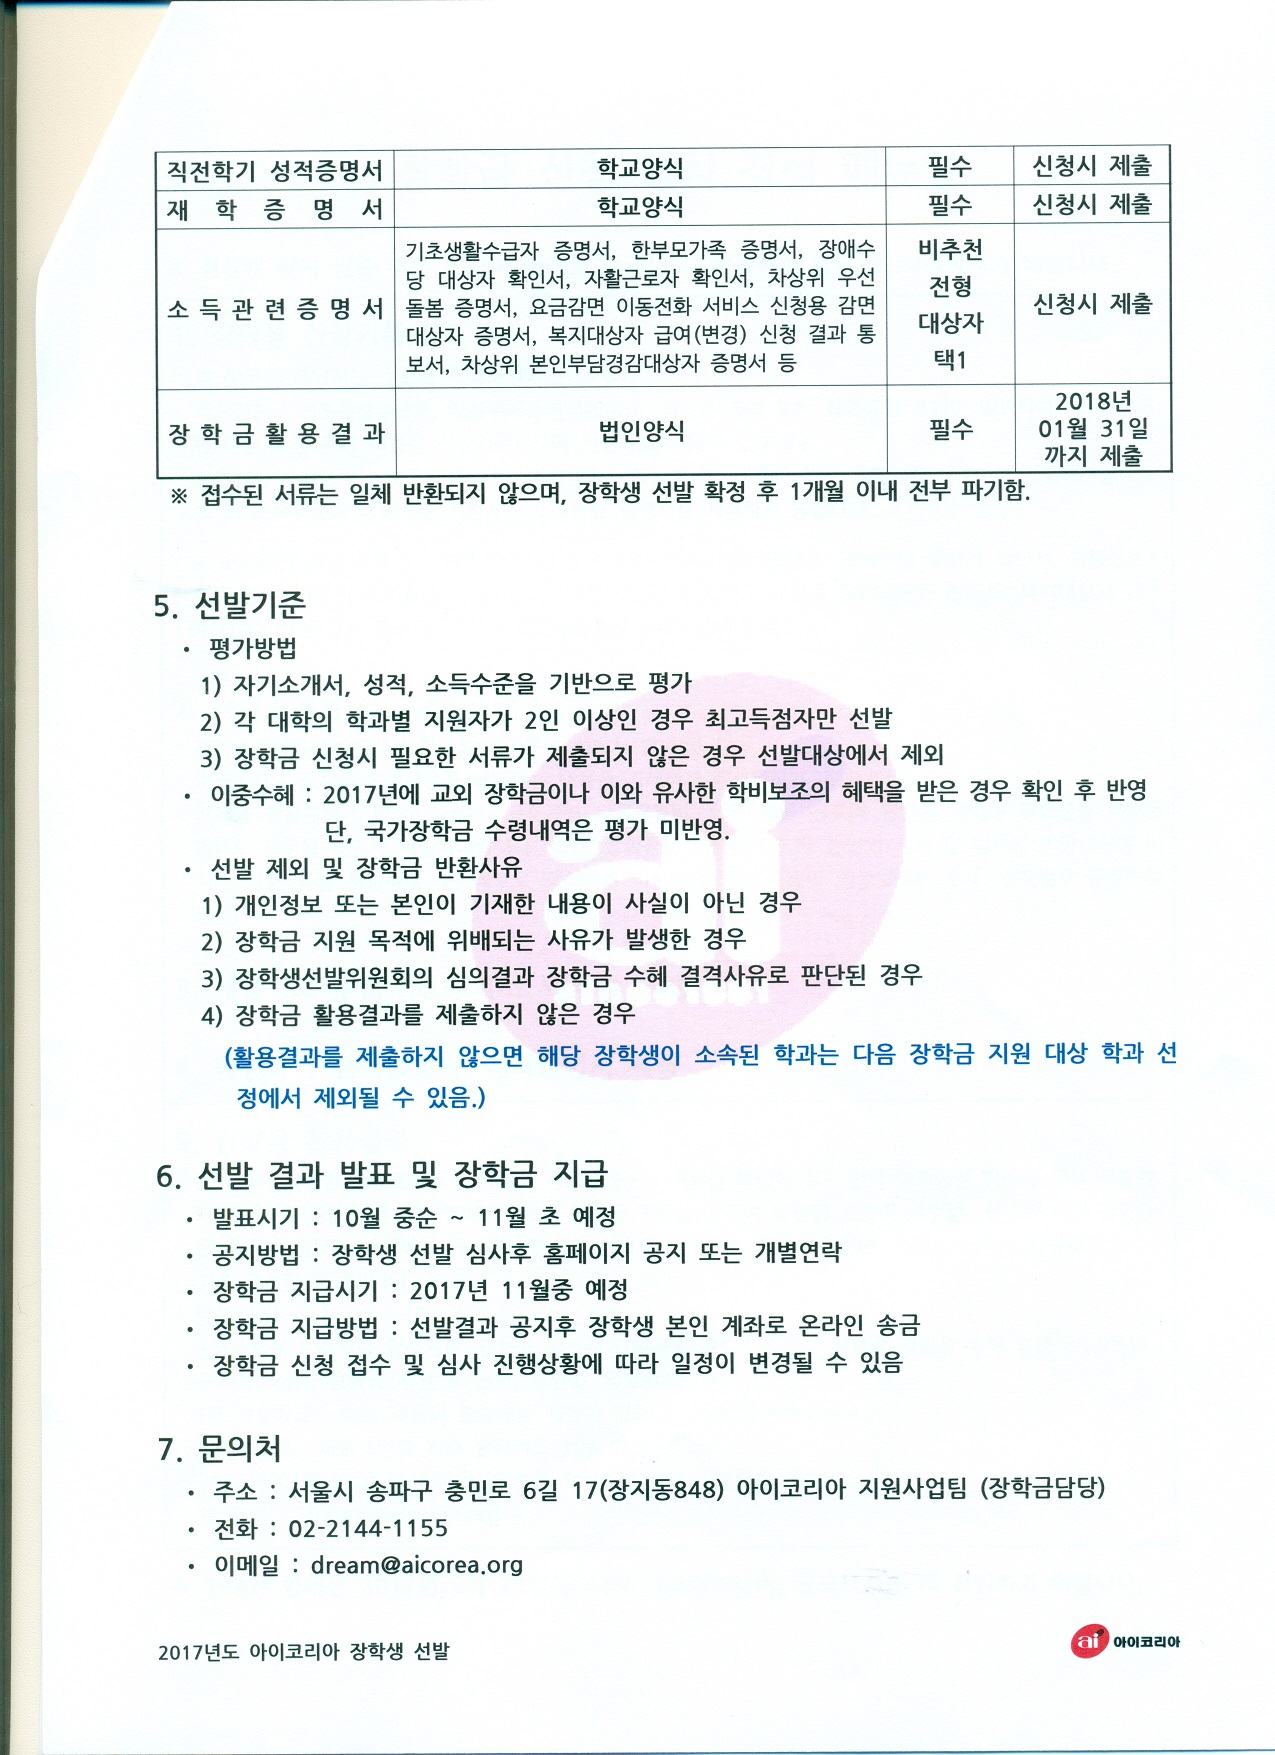 KakaoTalk_20170904_102927529.jpg